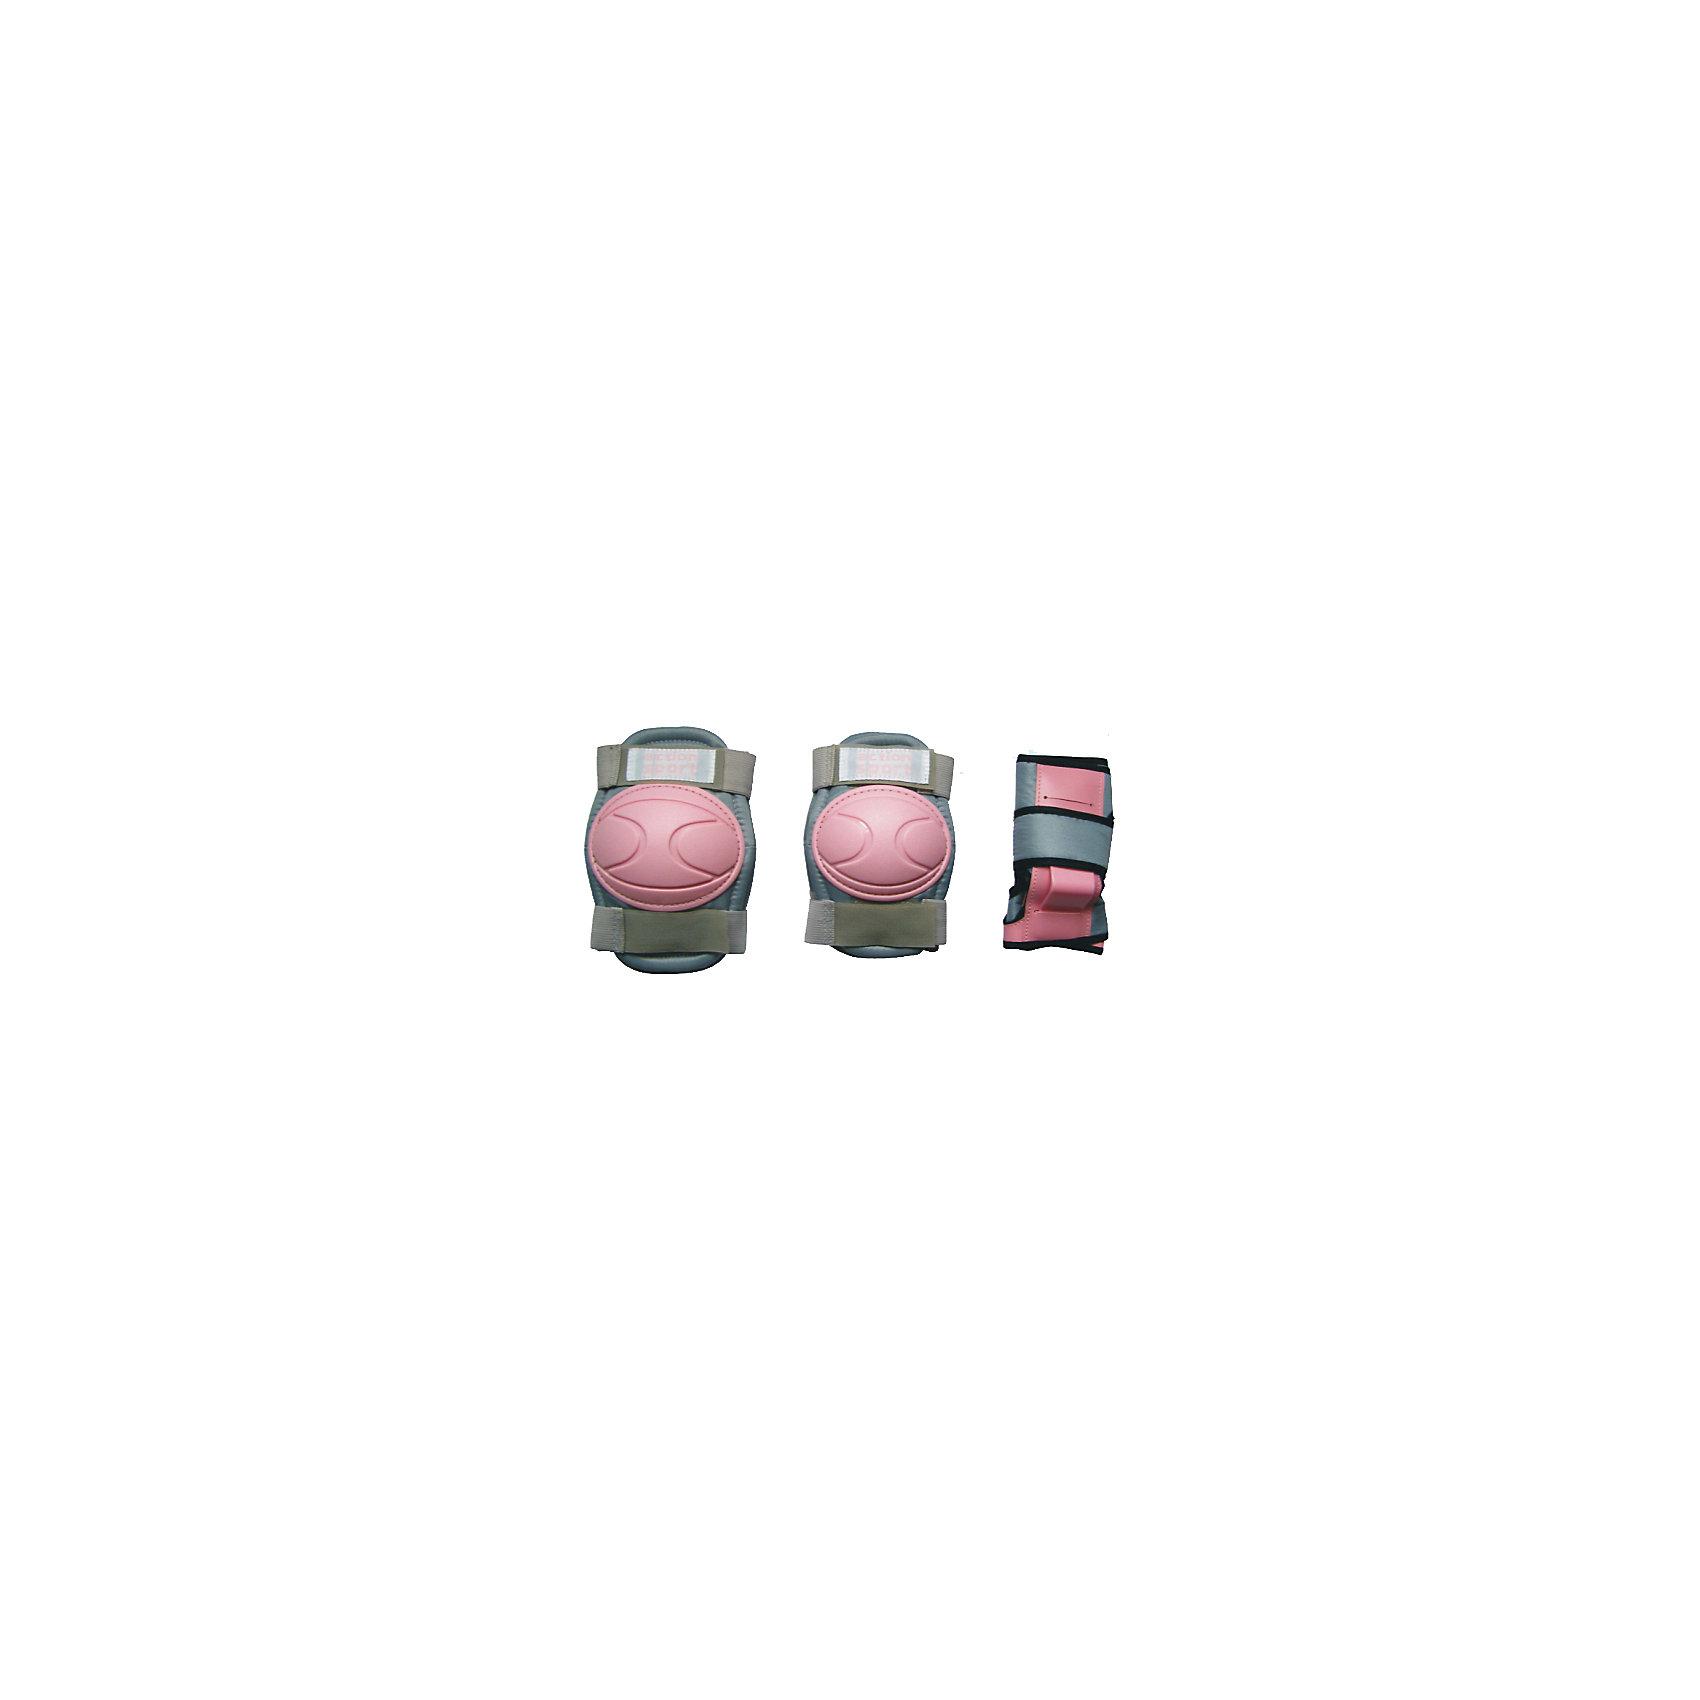 Защита локтя, запястья, колена р.S, ActionОсновные характеристики<br><br>Комплектность: наколенник - 2шт., налокотник - 2шт., наладонник - 2шт.<br>Размер: S (соответствует размерам коньков 31-36)<br>Материалы: основа - нейлон, защитные накладки - поливинилхлорид<br>Цвет: серый/розовый<br>Вид использования: любительское катание на роликовых коньках <br>Страна-производитель: Китай<br>Упаковка: полиэтиленовый пакет с европодвесом<br><br>Наиболее распространённой является тройная защита – наколенники, налокотники и наладонники со специальными пластинами на запястьях. Такой набор защиты для катания на роликовых коньках считается оптимальным, предохраняя от травм самые уязвимые места при катании.<br><br>Ширина мм: 10<br>Глубина мм: 350<br>Высота мм: 160<br>Вес г: 300<br>Возраст от месяцев: 36<br>Возраст до месяцев: 192<br>Пол: Унисекс<br>Возраст: Детский<br>SKU: 5056597